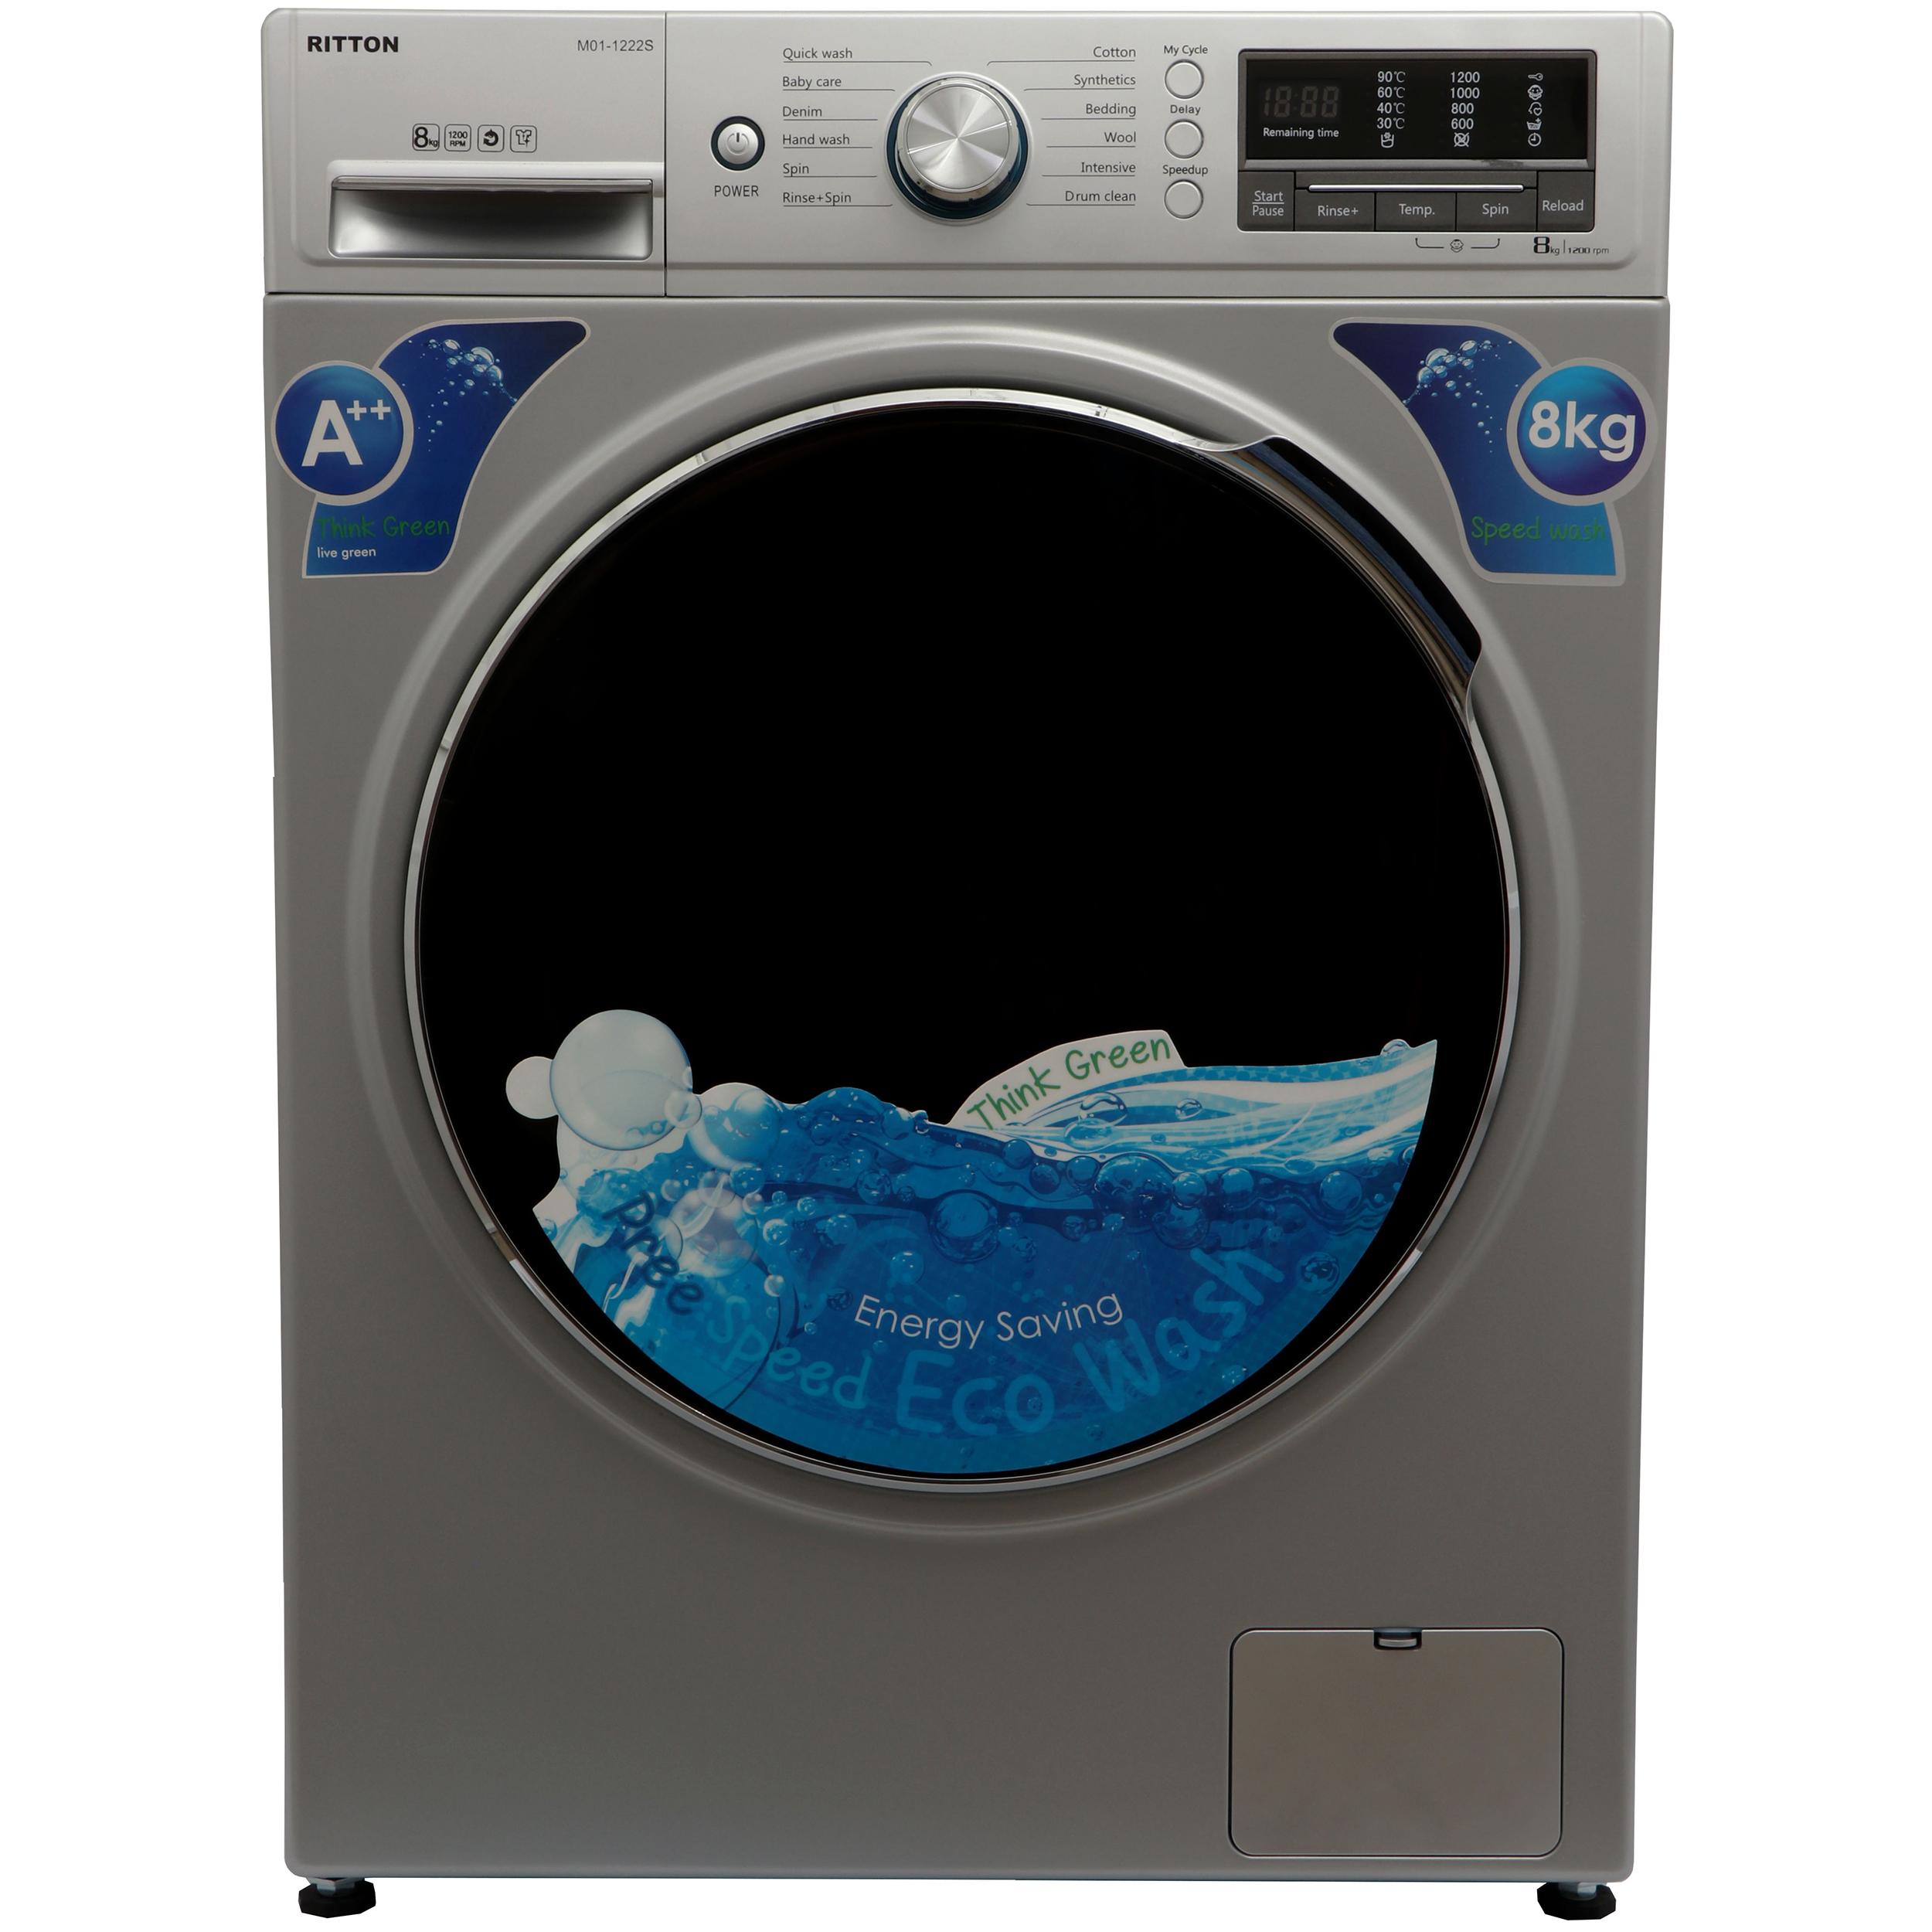 ماشین لباسشویی ریتون مدل M01-1222W با ظرفیت 8 کیلوگرم   Ritton  M01-1222W Washing Machine - 8 Kg